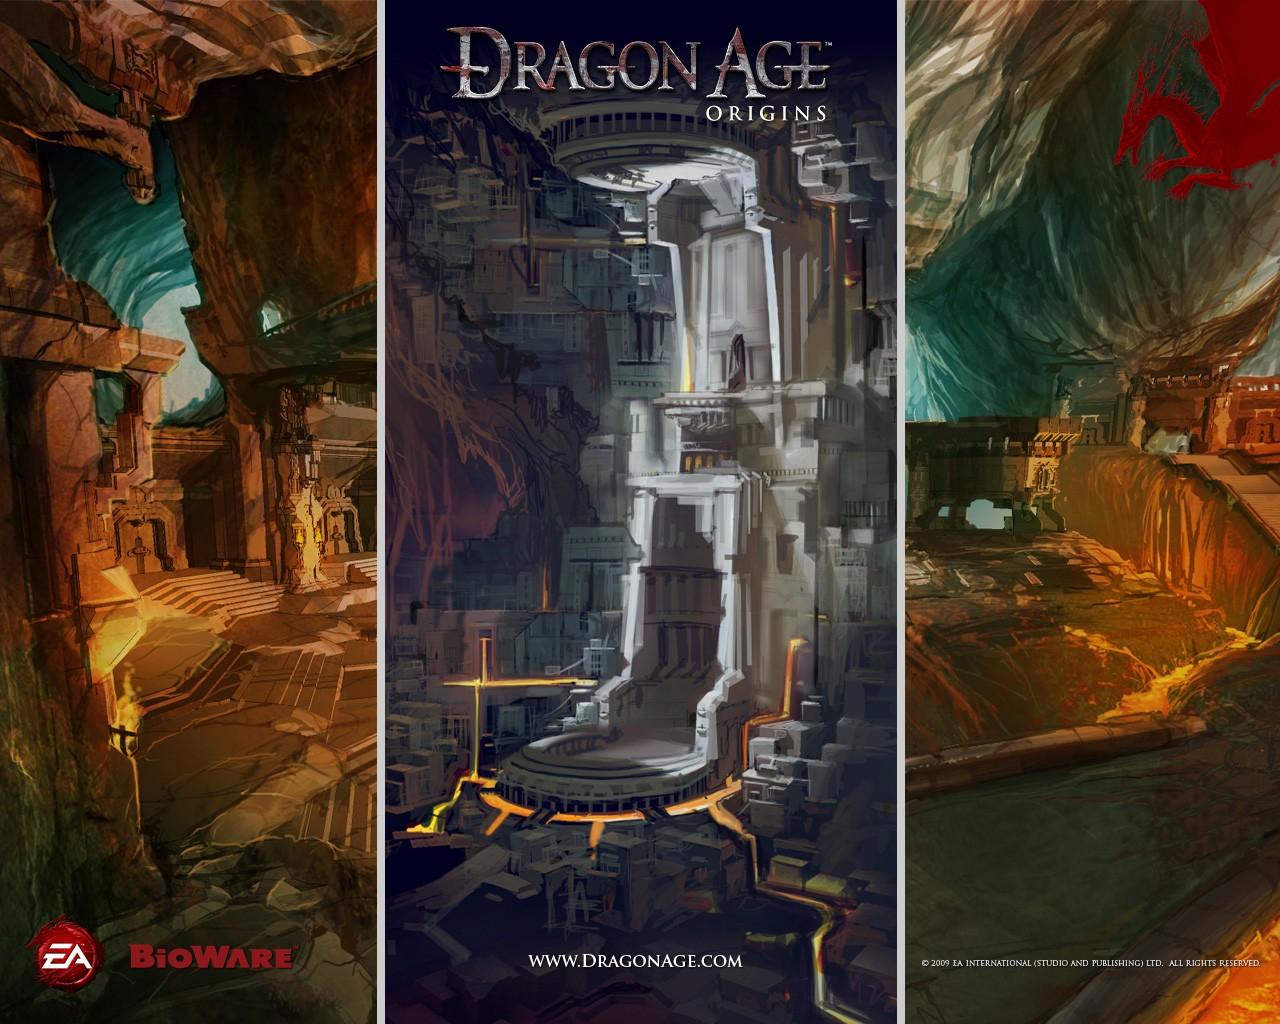 Fond Décran Jeux Vidéo Dragon Age Affiche Dragon Age Origins